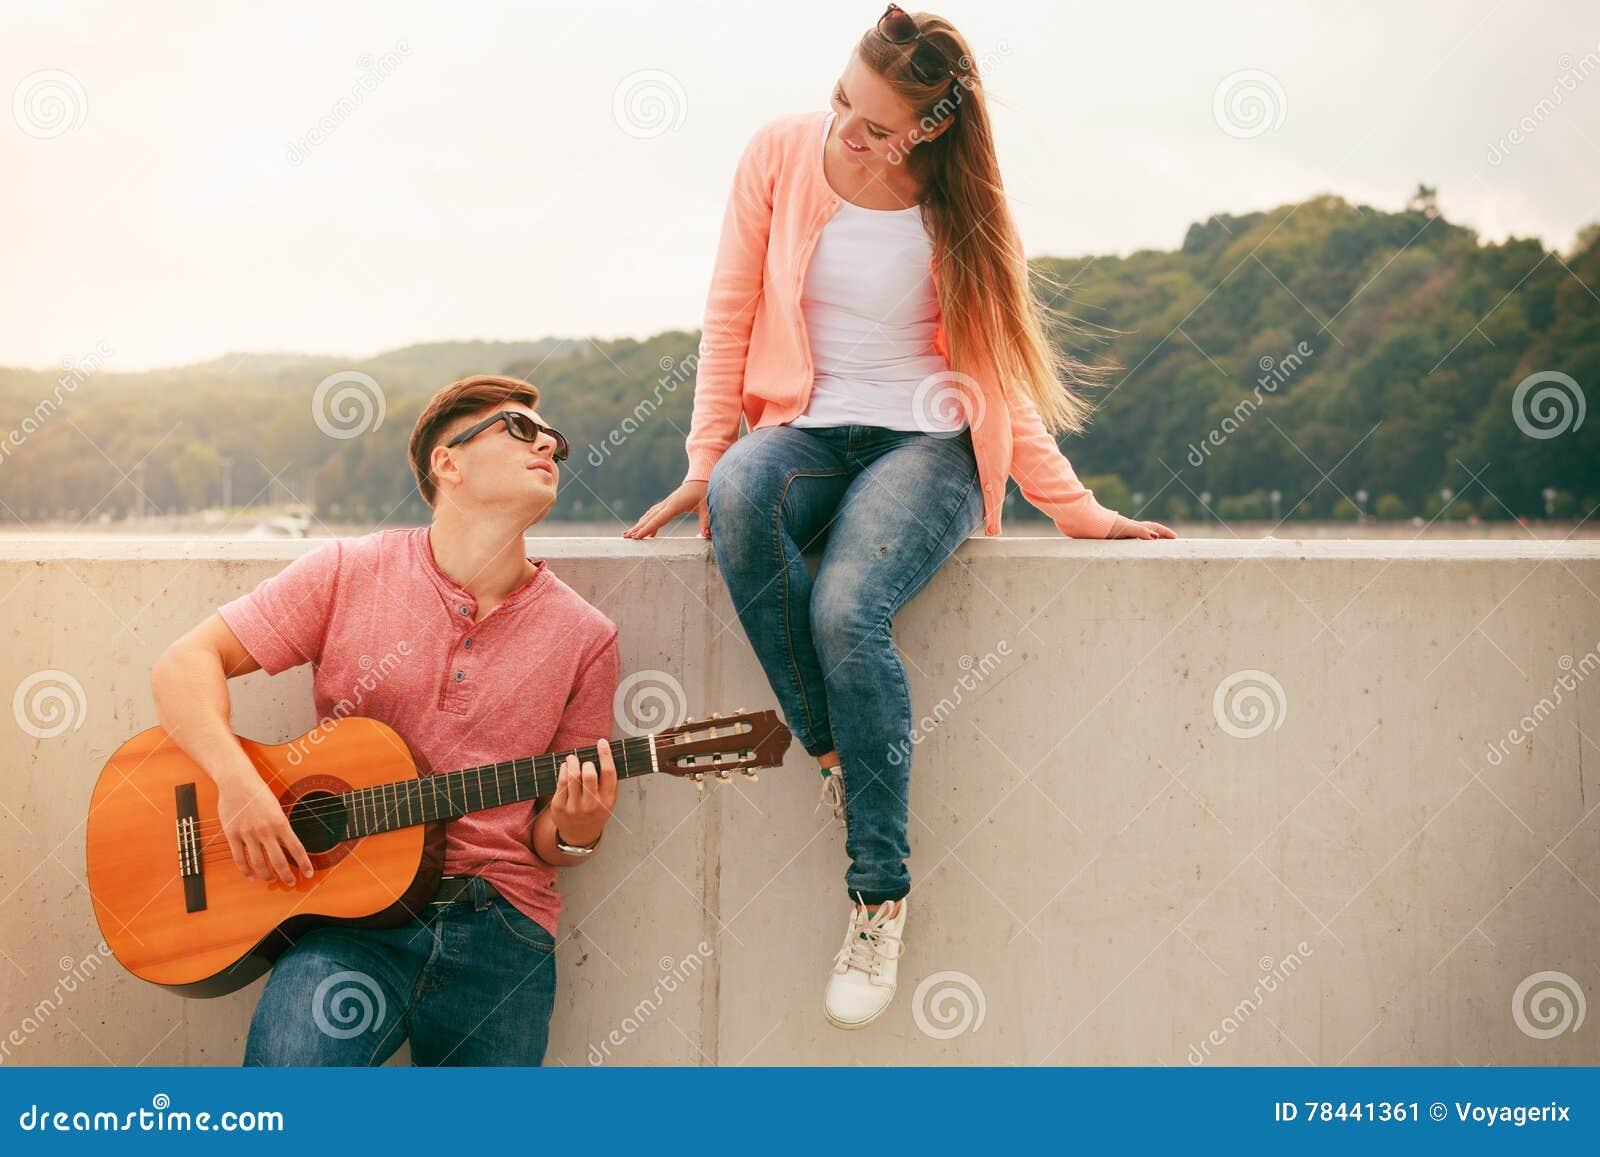 Guitar-dating